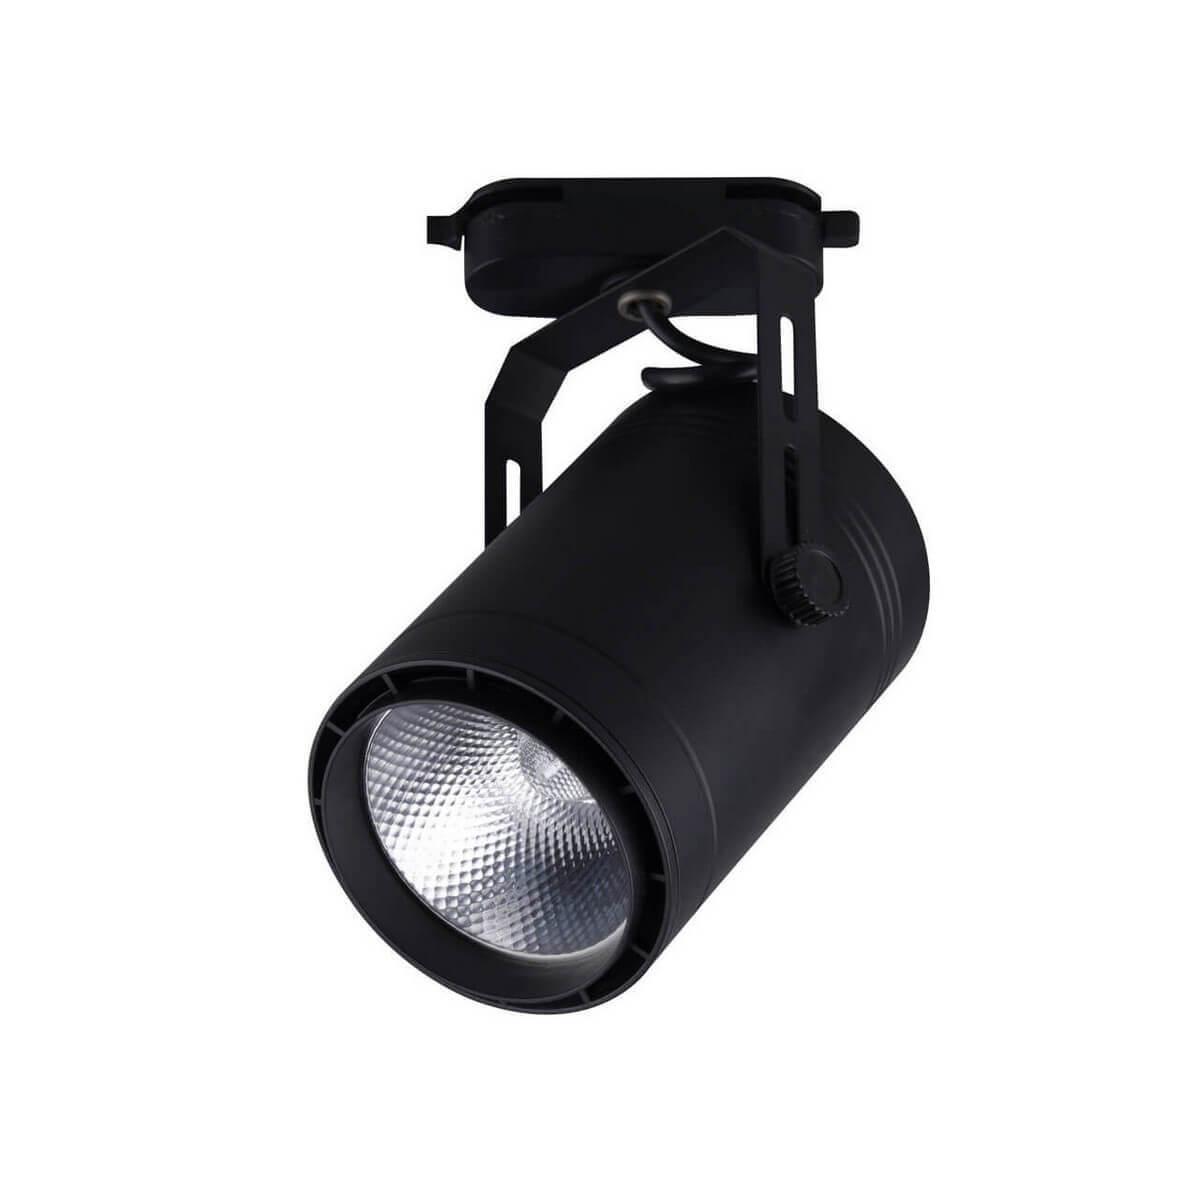 Трековый светодиодный светильник Kink Light Треки 6483-2,19 трековый светодиодный светильник kink light треки 6483 1 01